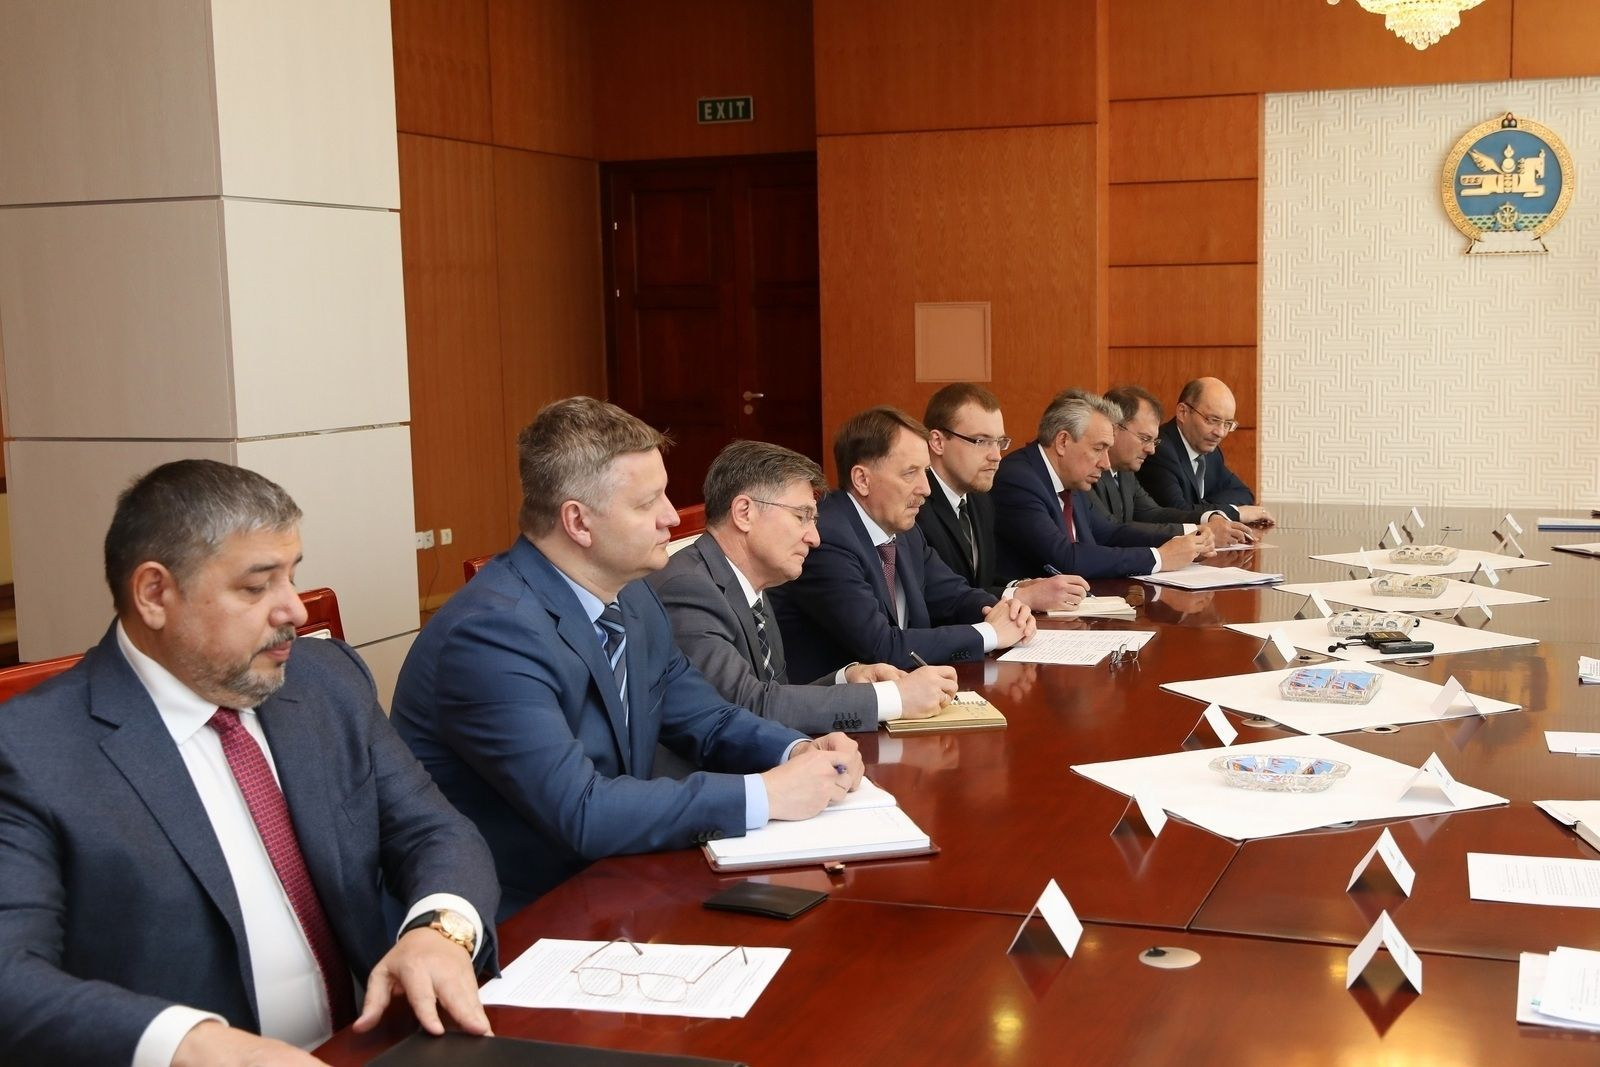 4d8ae7_open-uri20190529-21813-3mmpku_x974 ОХУ-аас Монгол Улсад 100 тэрбум рублийн зээл олгох зарчмын шийдвэр гаргажээ